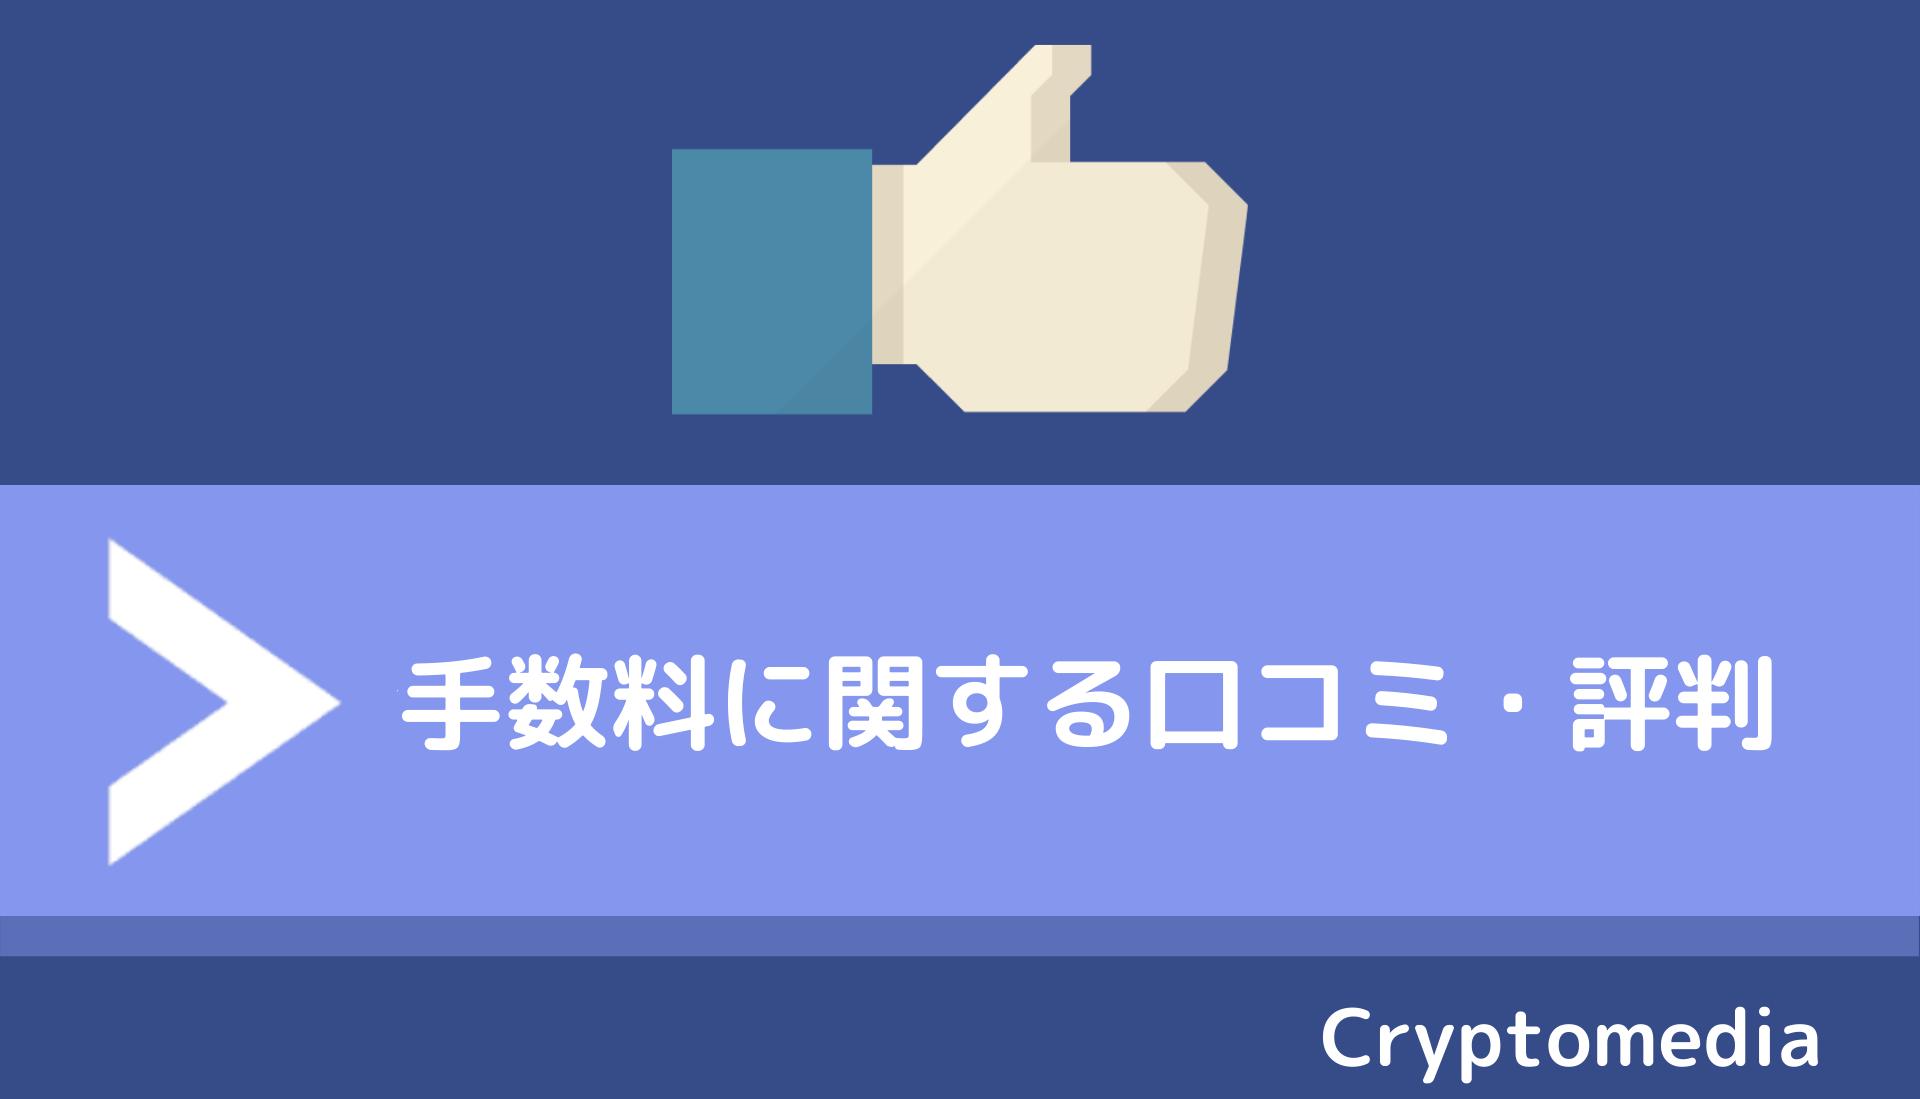 バイナンス 口コミ・評判